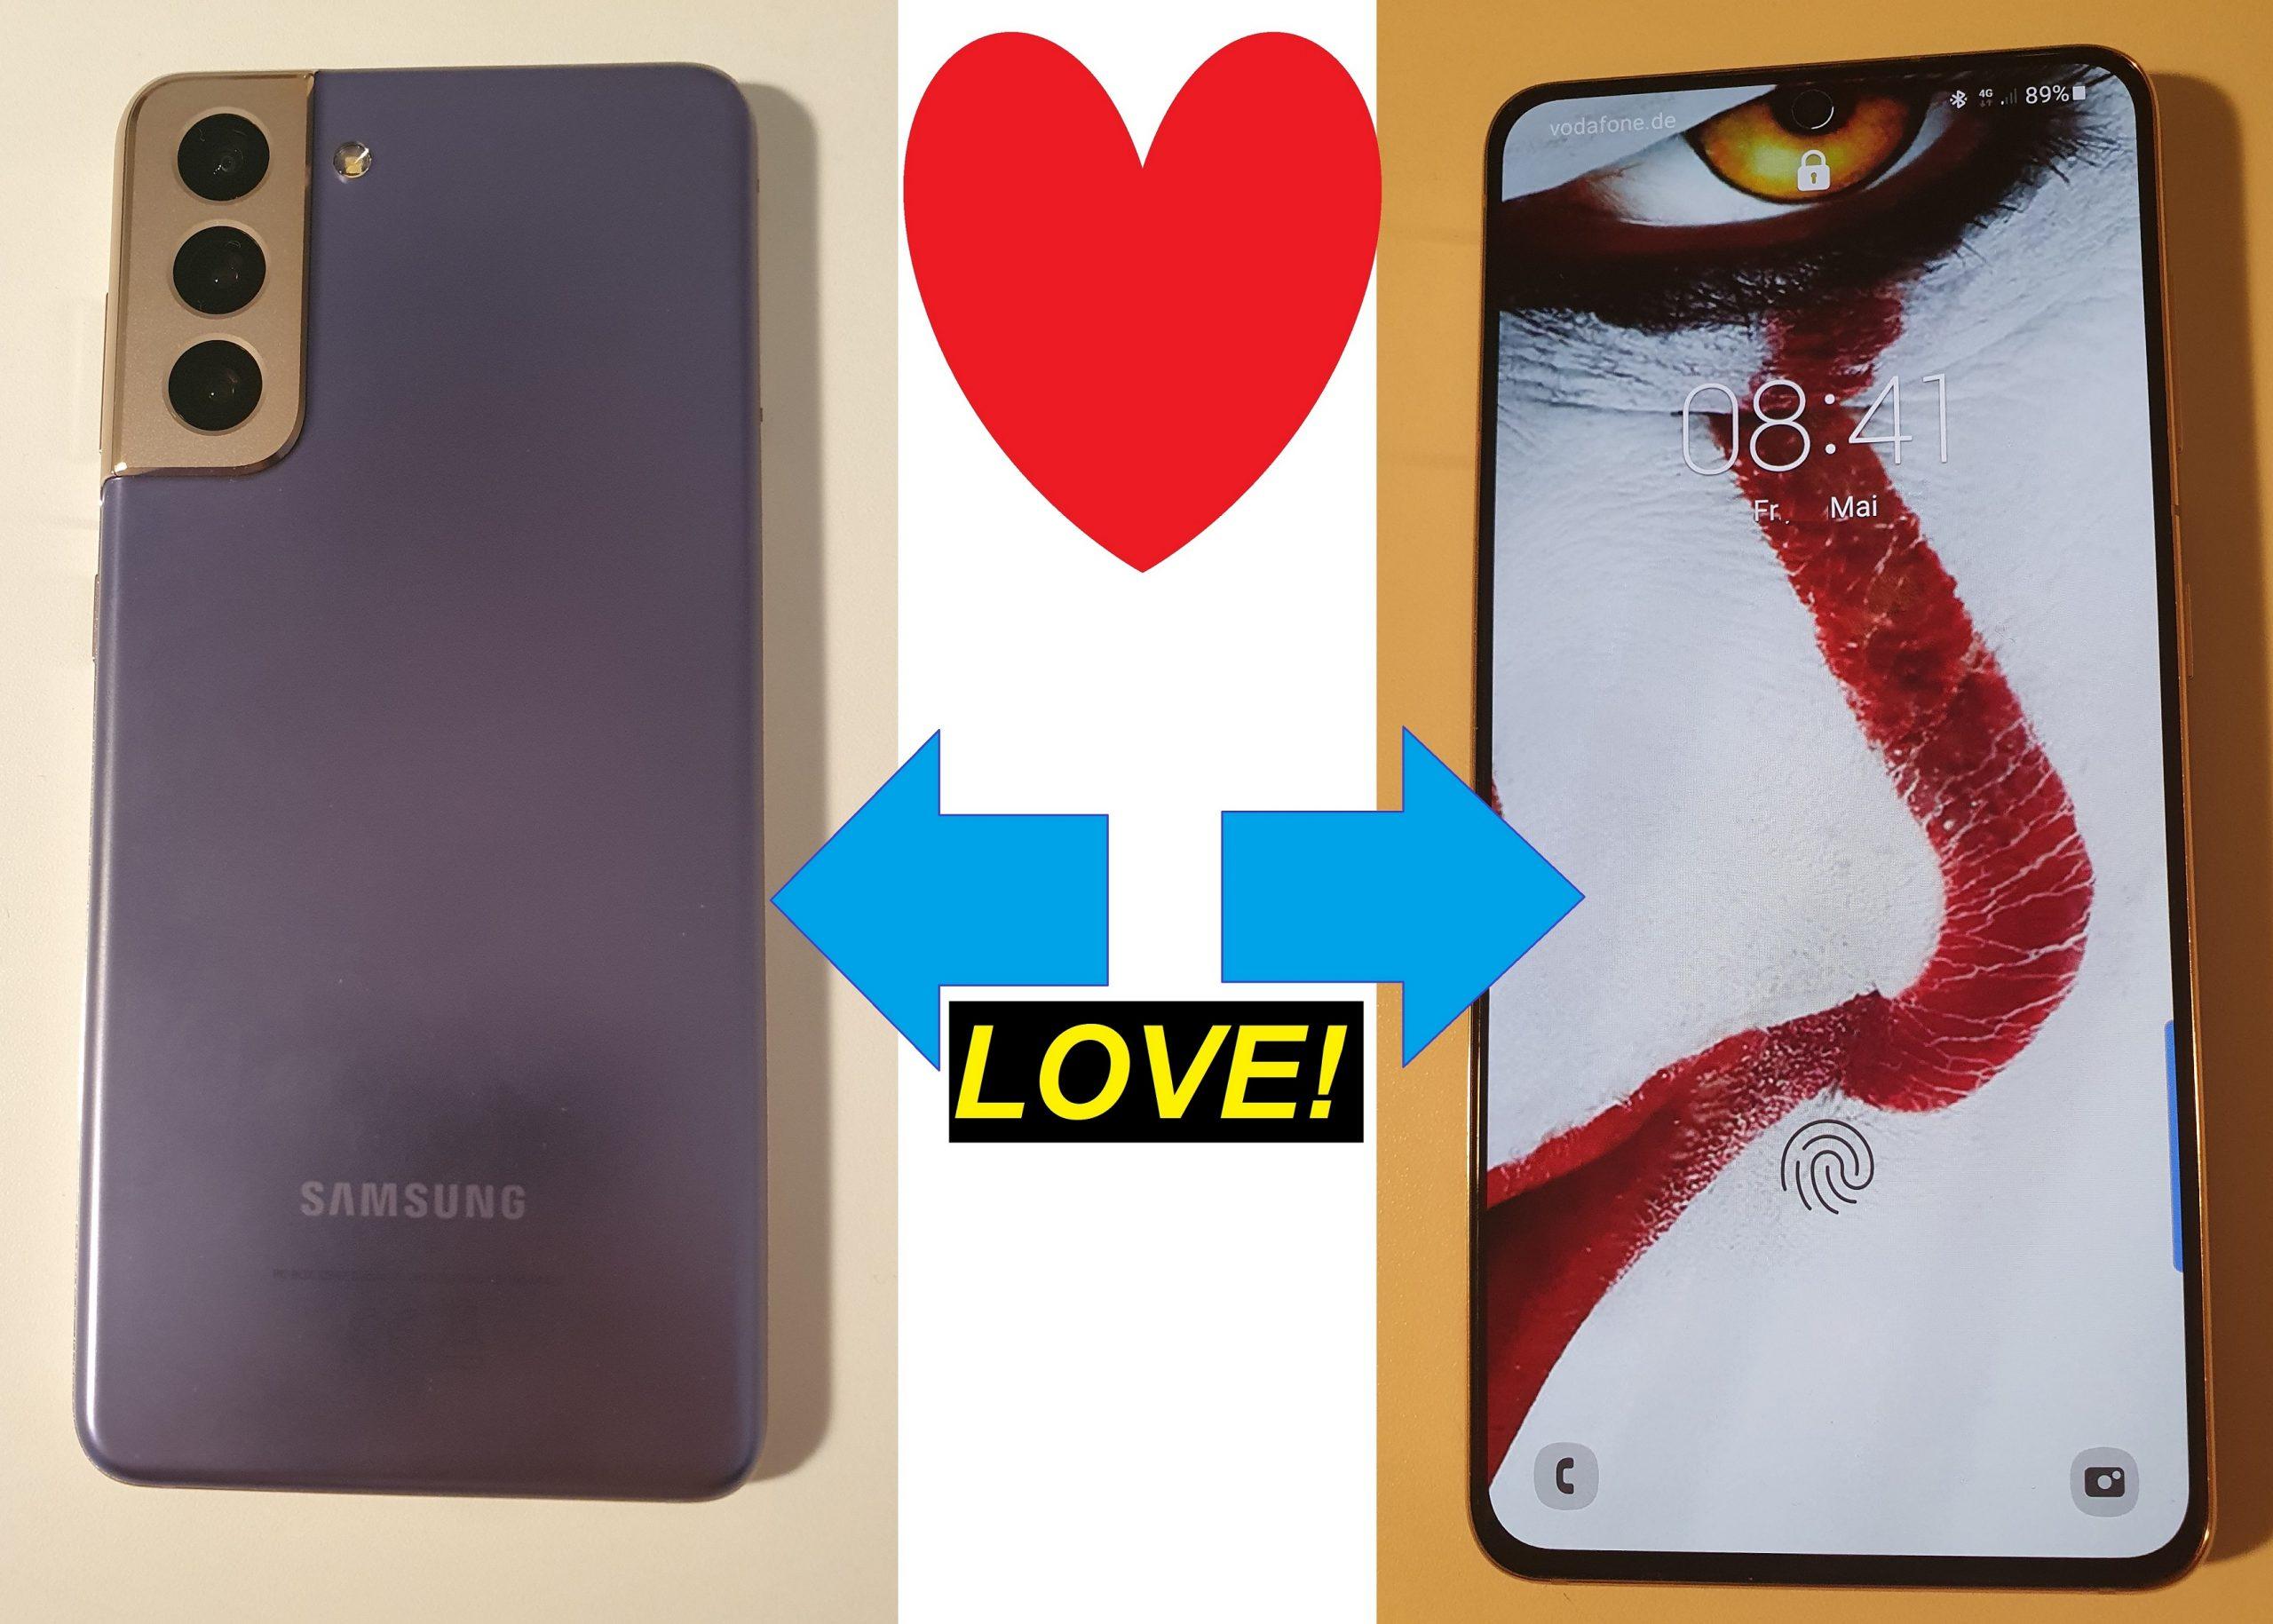 Ich bin verliebt! Samsung Galaxy S21 - Verbotene Liebe? Test!